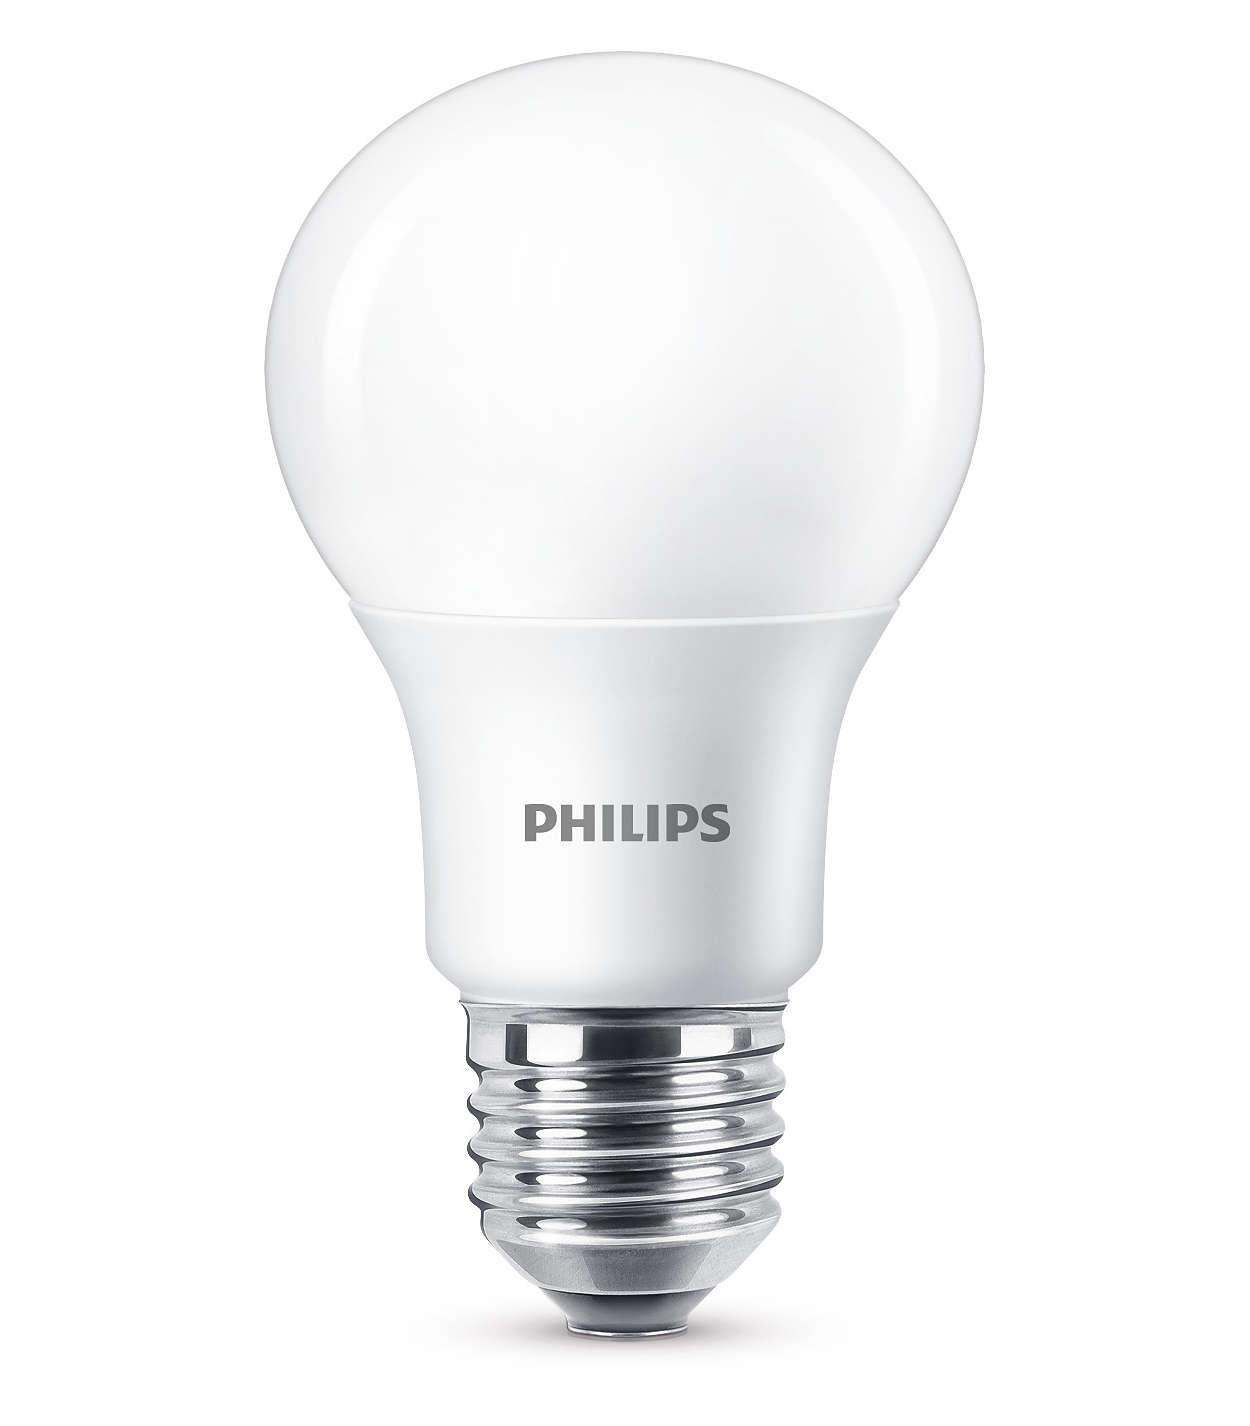 Une lumière LED blanche et chaude à intensité variable